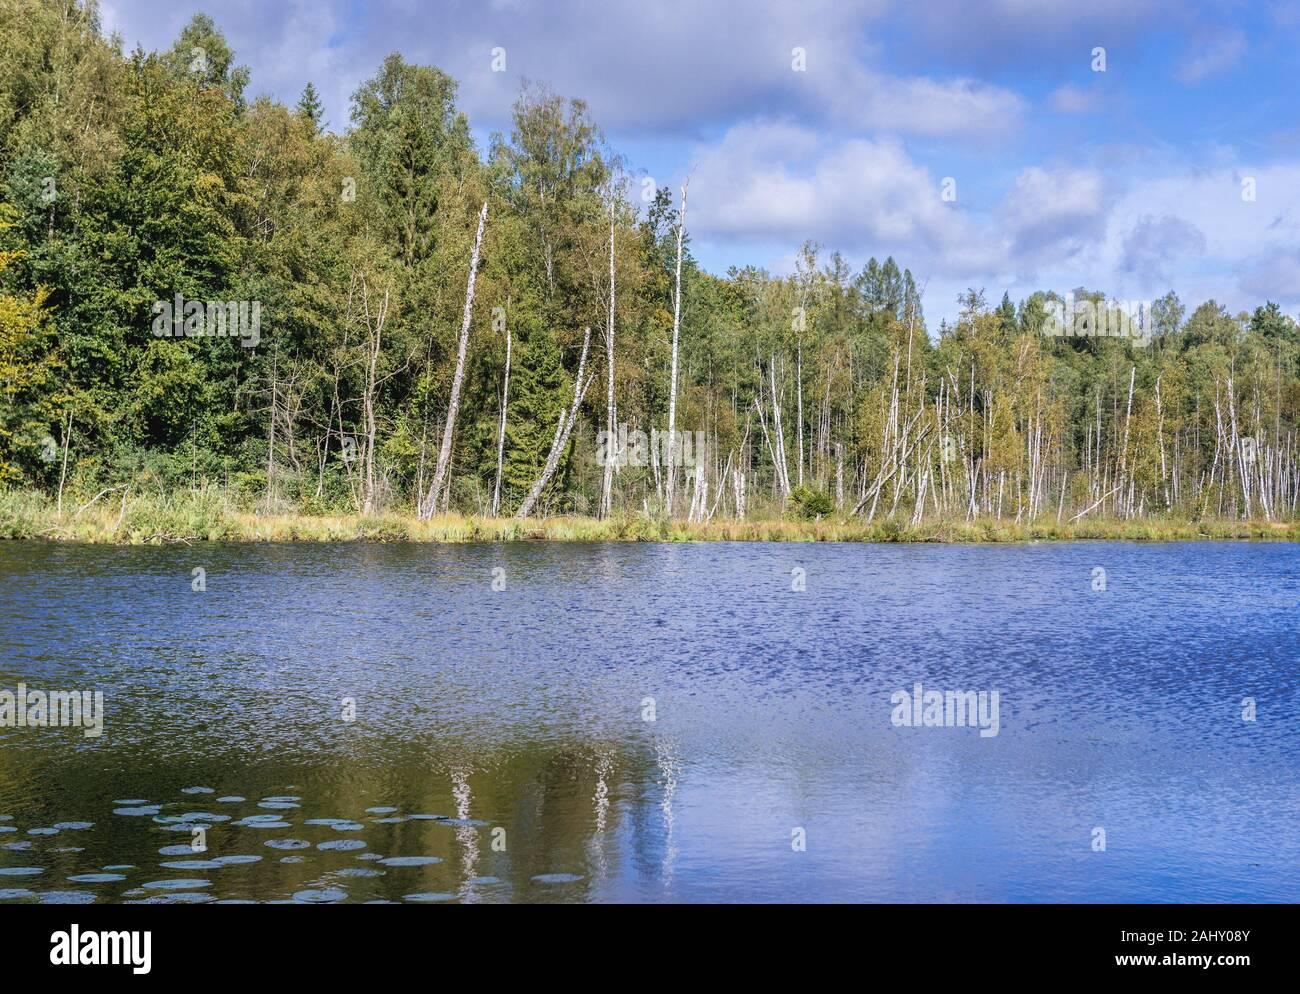 Blick auf den See Jezioro Francuskie (Französisch) Naturschutzgebiet in Dylewo Hügel Landschaft Park, Ostroda County in Polen. Stockfoto